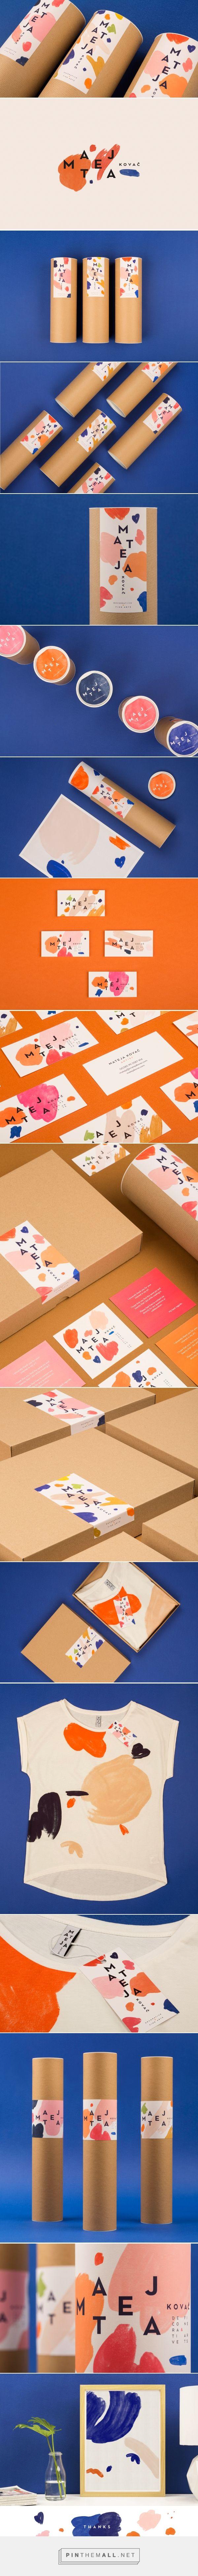 MATEJA KOVAČ Illustrator Branding by Mireldy Design | Fivestar Branding Agency – Design and Branding Agency & Curated Inspiration Gallery